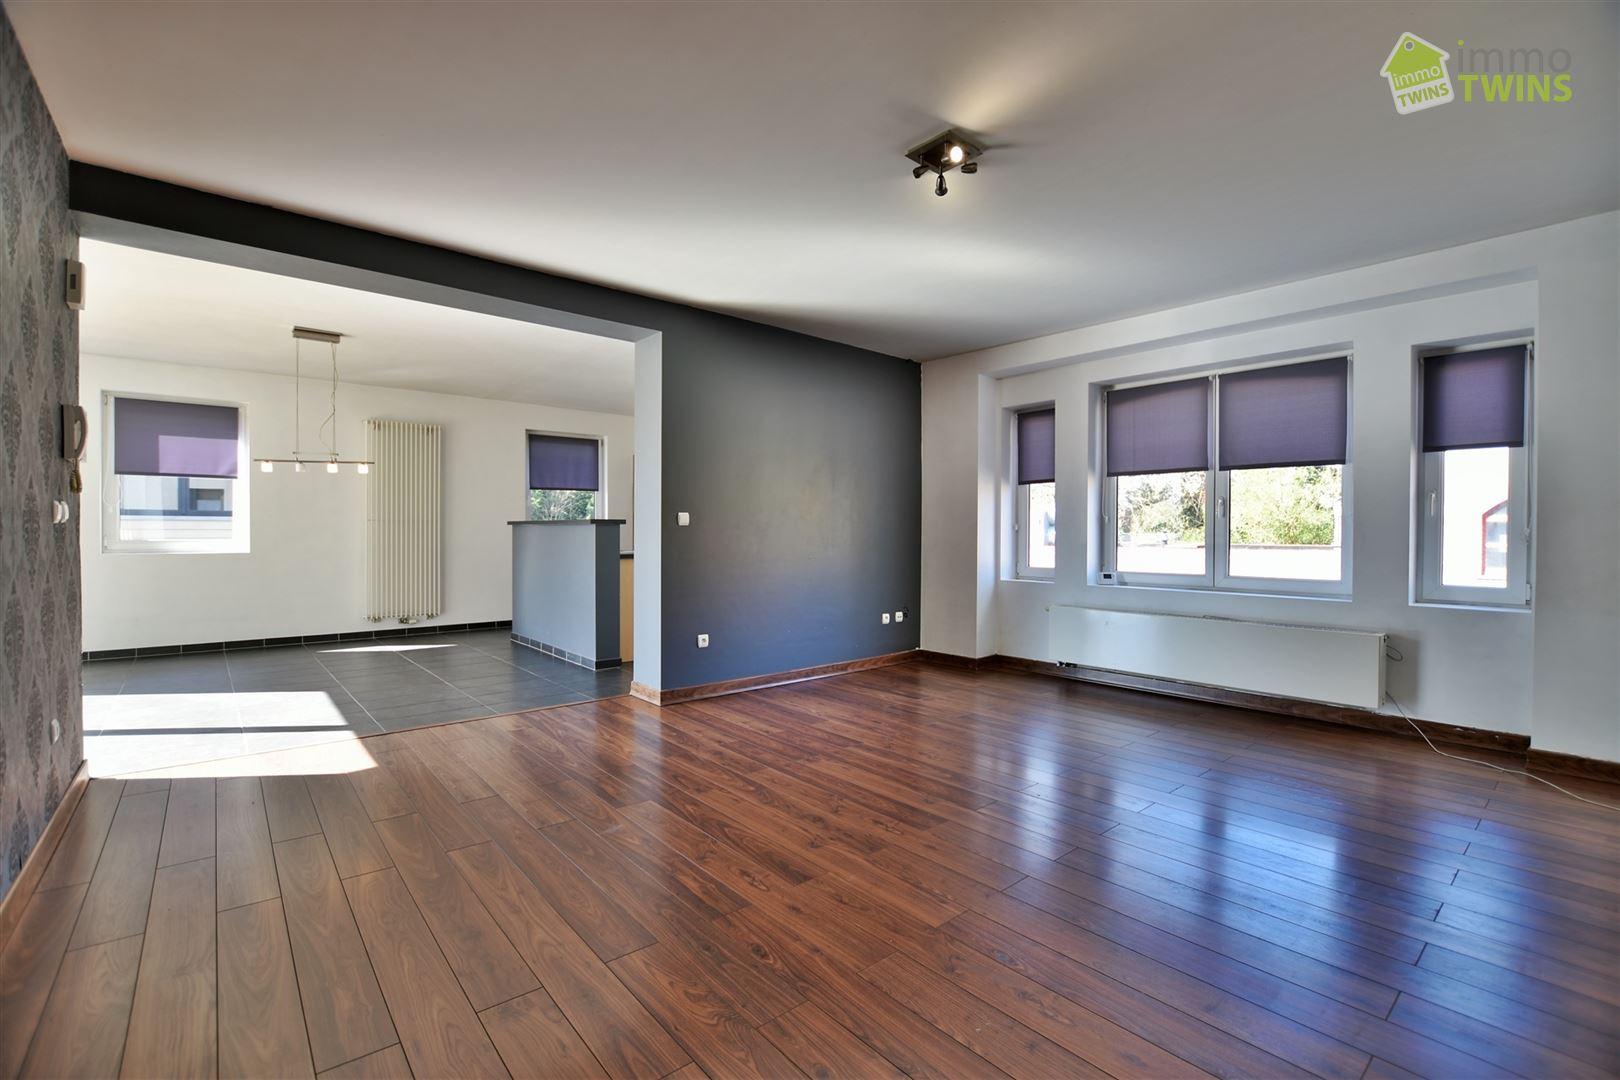 Foto 3 : Appartement te 9200 Sint-Gillis-bij-Dendermonde (België) - Prijs € 219.000